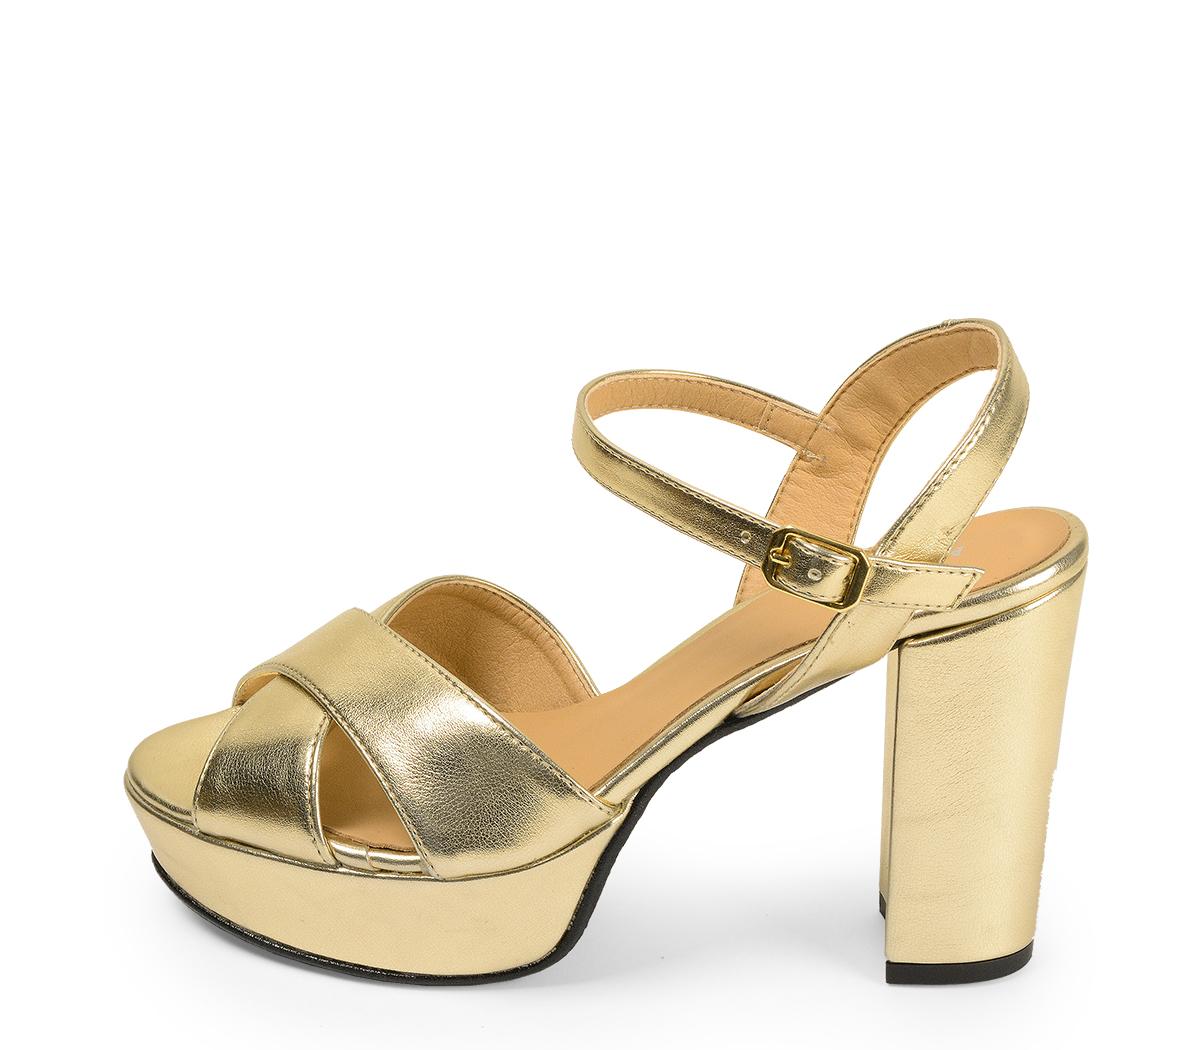 Ref. 4547 Sandalia piel oro con pala cruzada y pulsera al tobillo. Hebilla dorada. Altura tacón 10.5 cm y plataforma delantera 3 cm.